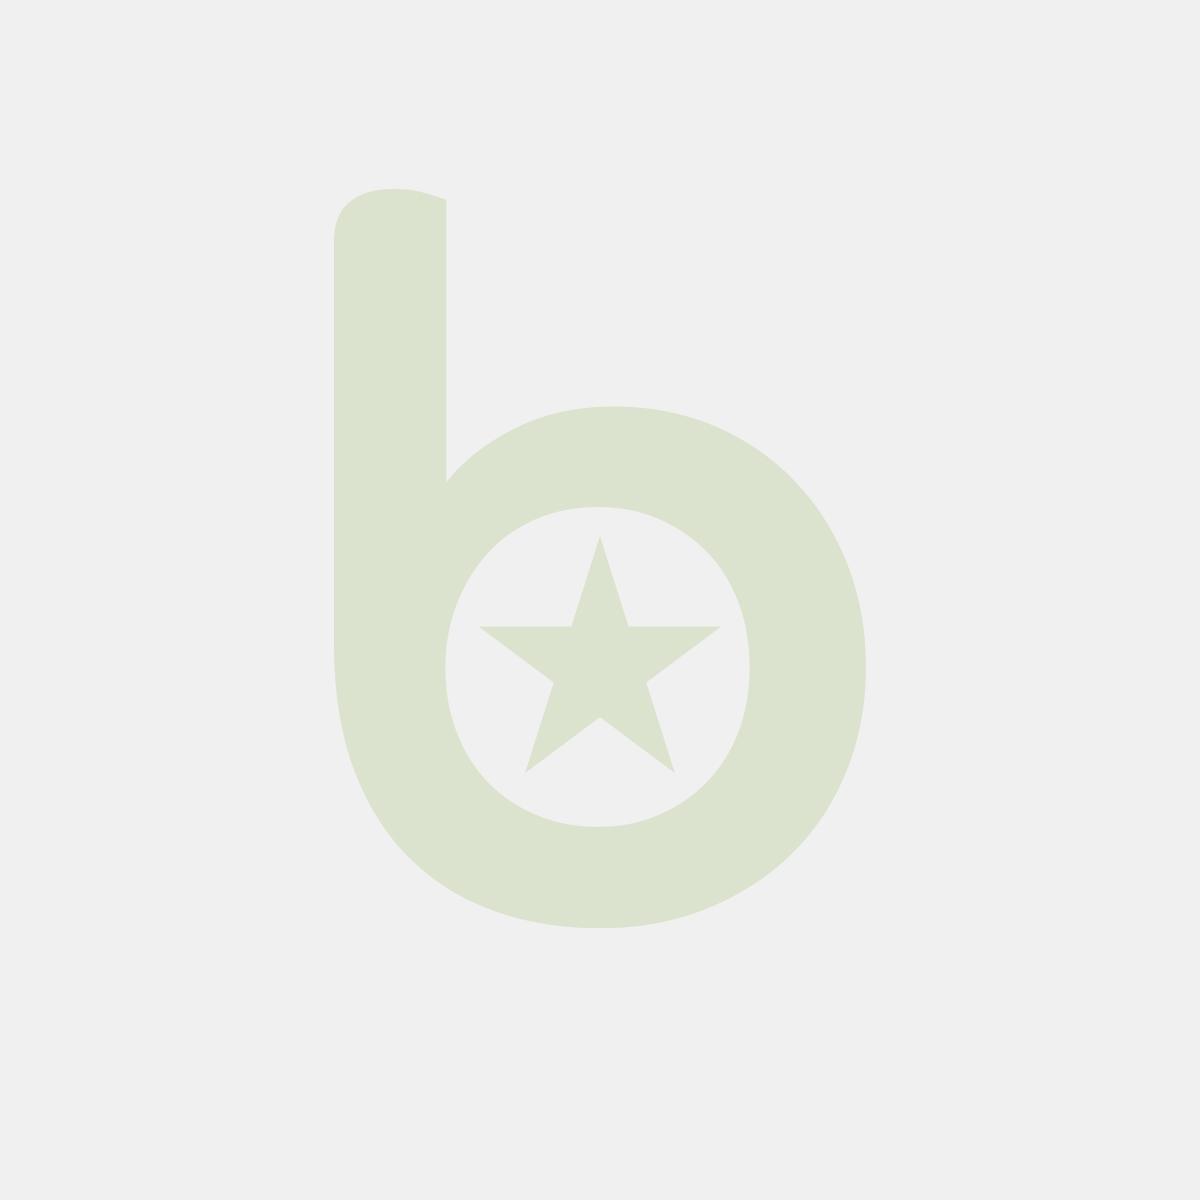 WK-25-BRKS (ślubne) WYRZUTNIA KONFETTI z BORDOWYMI RÓŻAMI i KREMOWYMI SERCAMI, cena za 1 sztukę